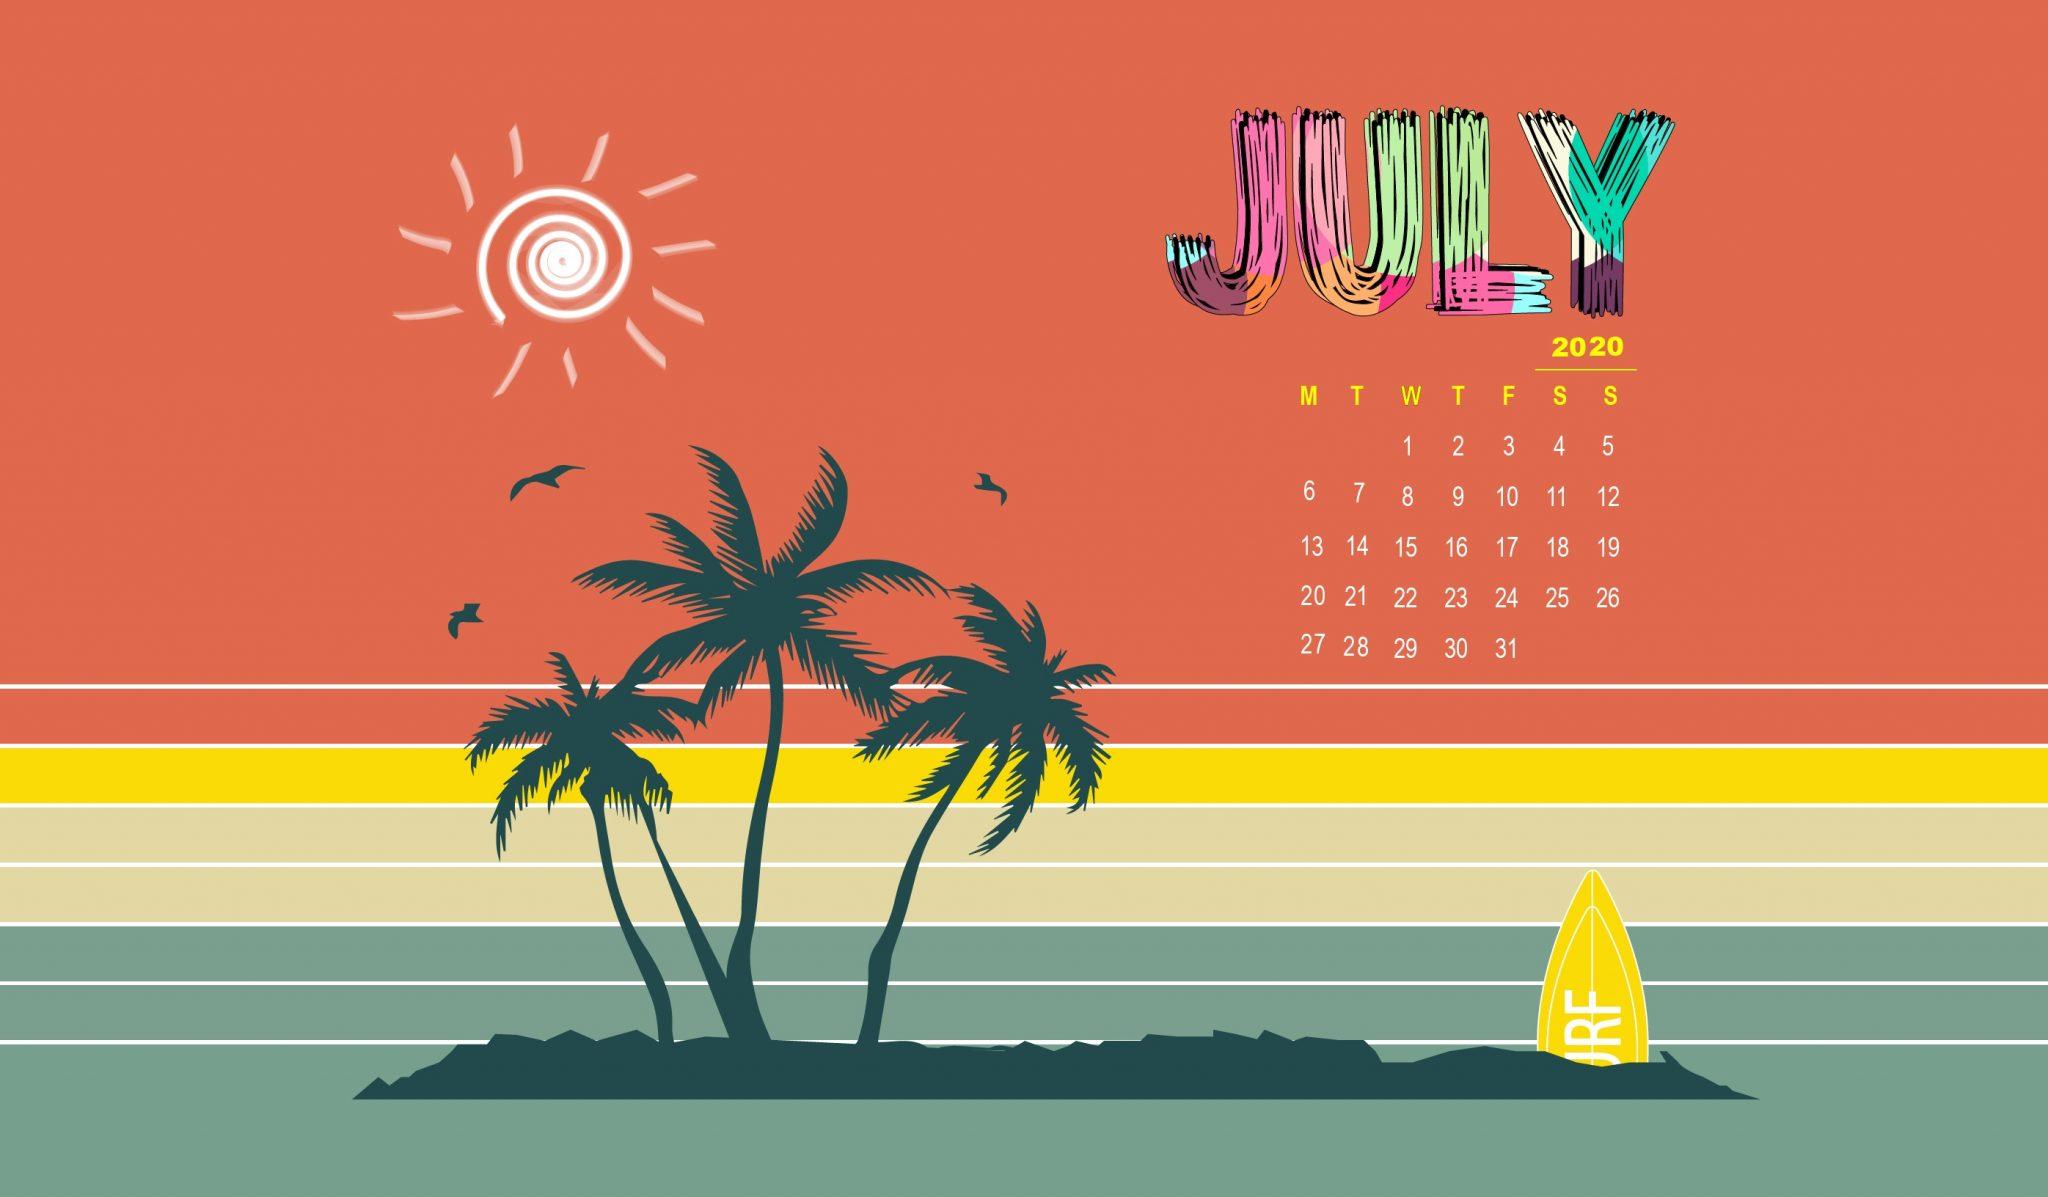 Desktop July 2020 Wallpaper